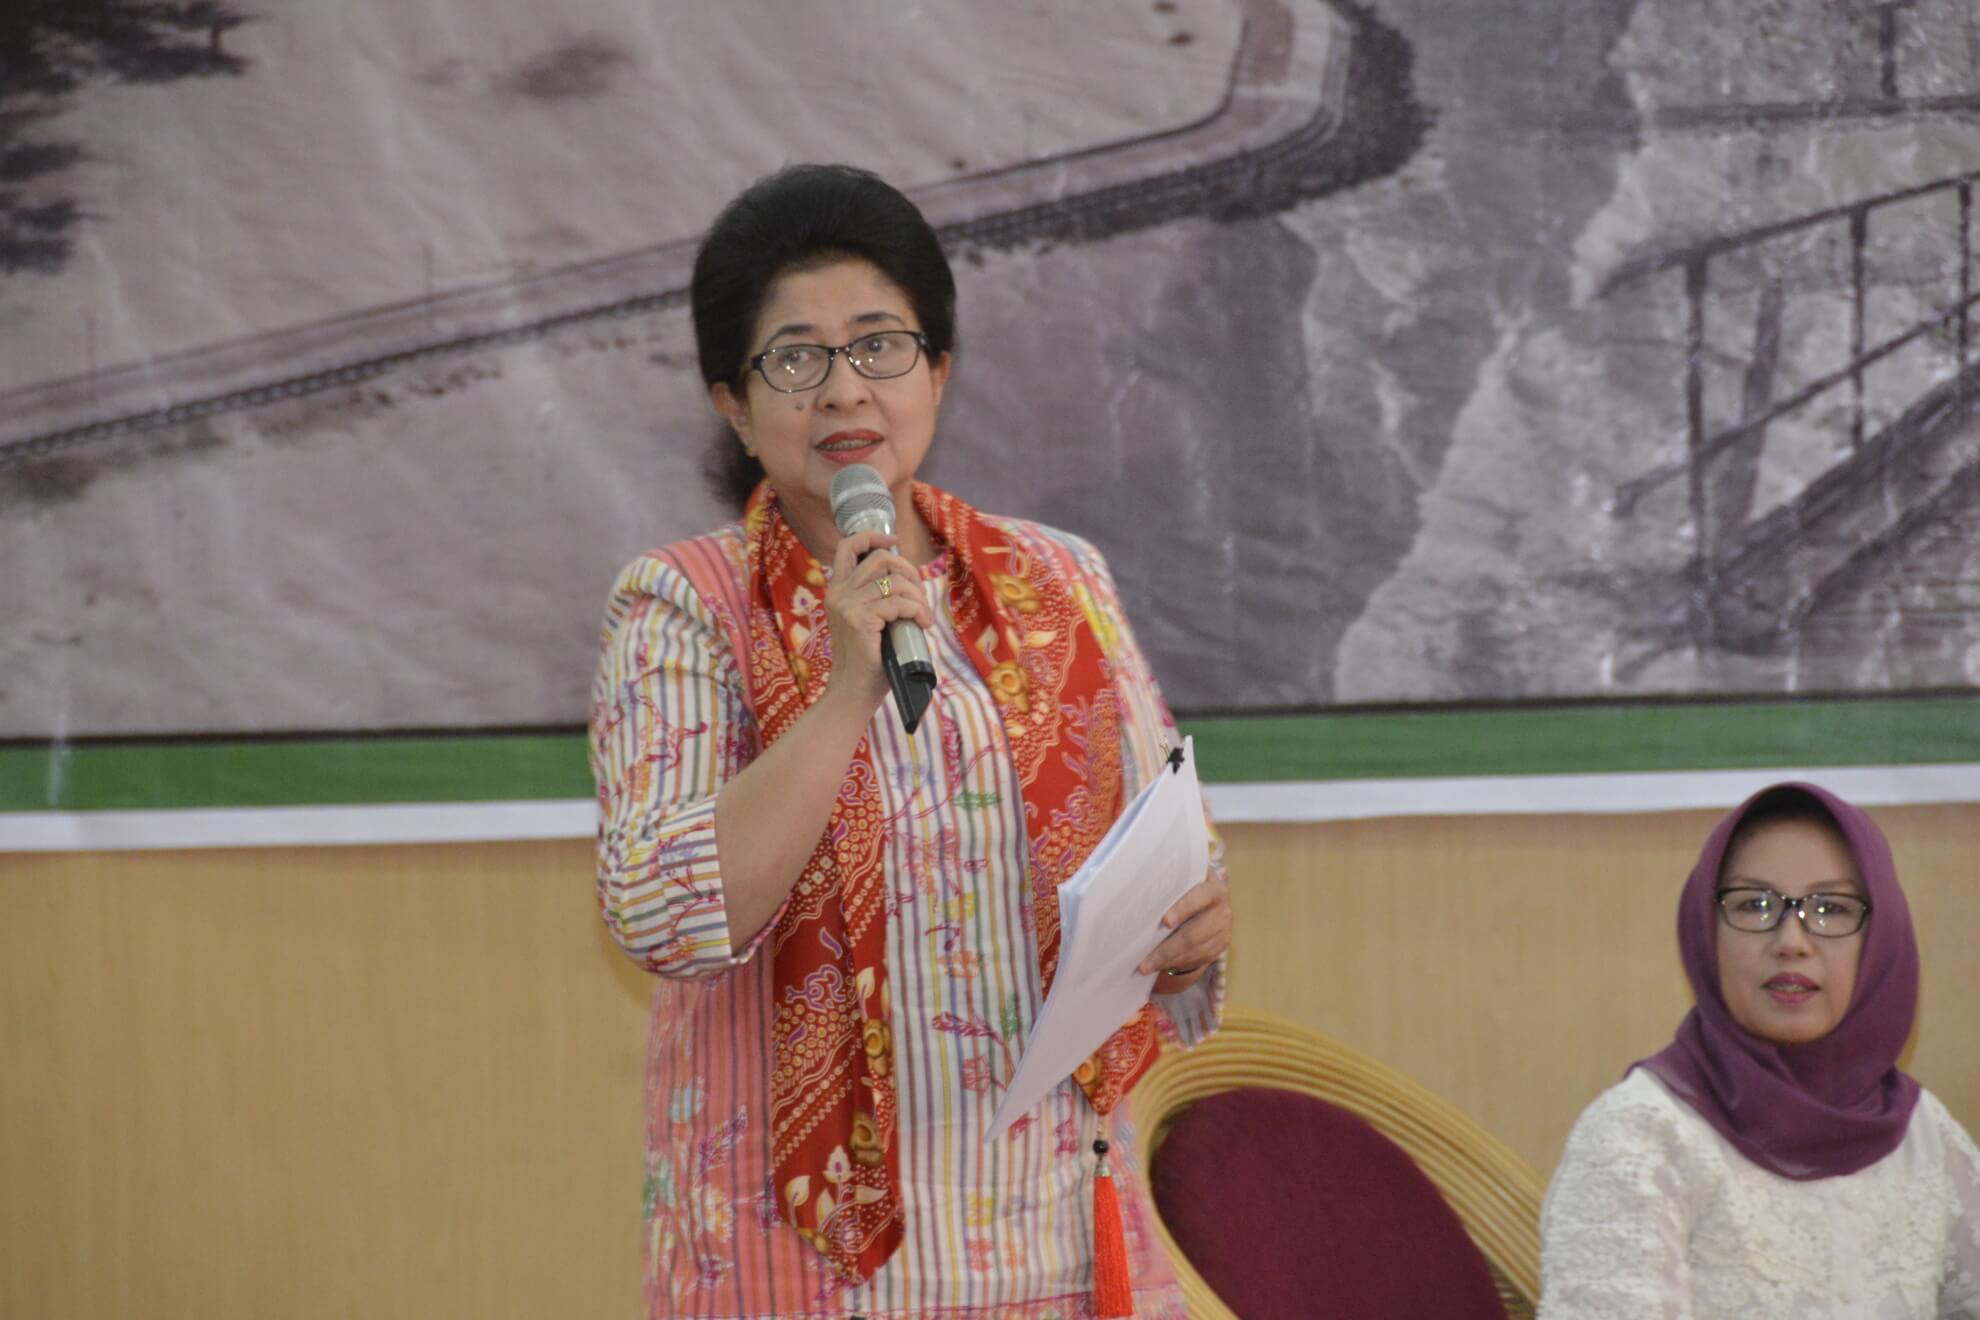 13-05-2017 Menkes Nila Moeloek Menyampaikan Keynote Speech di hadapan Bupati/Walikota dan Stakeholder Kesehatan pada Rakerkesda Provinsi Bengkulu (R46)